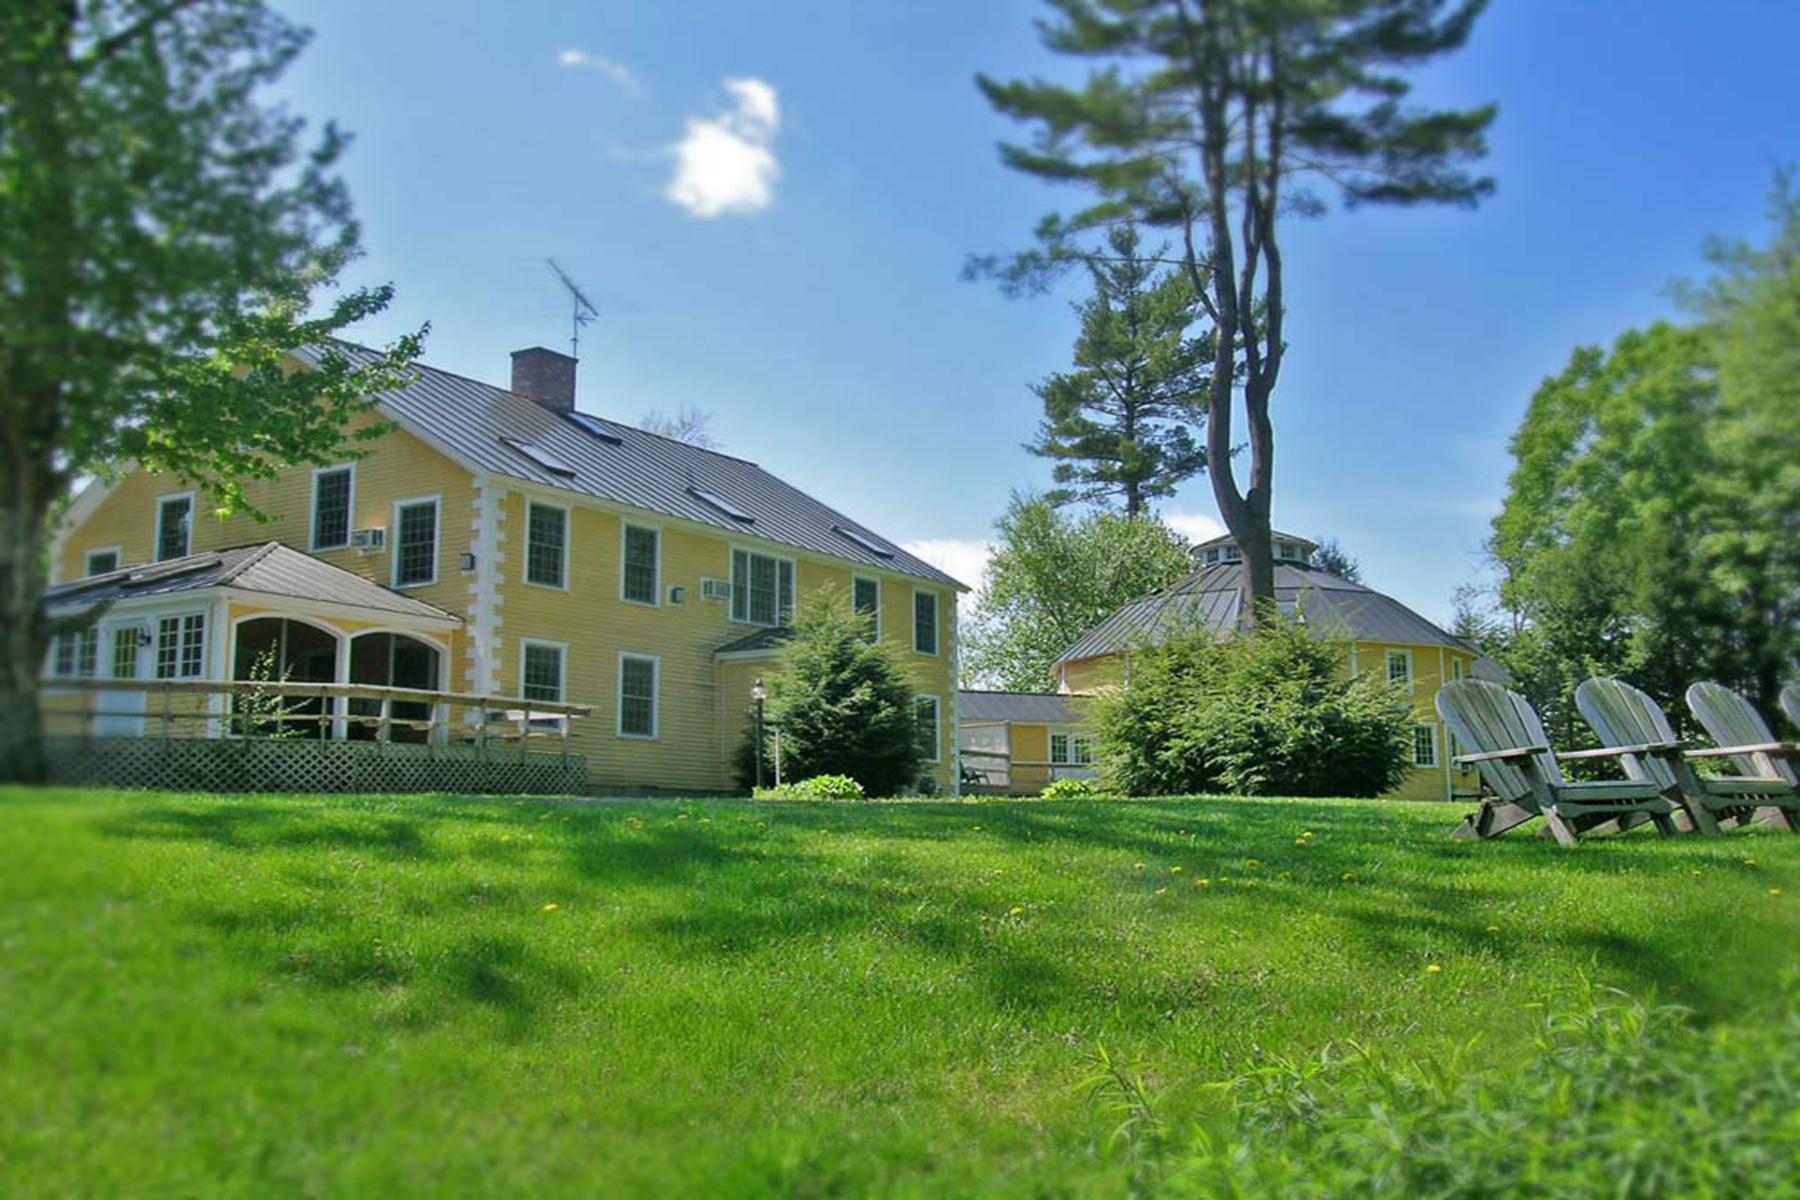 Частный односемейный дом для того Продажа на Breakfast on the Con 651 River Rd Lyme, Нью-Гэмпшир 03768 Соединенные Штаты